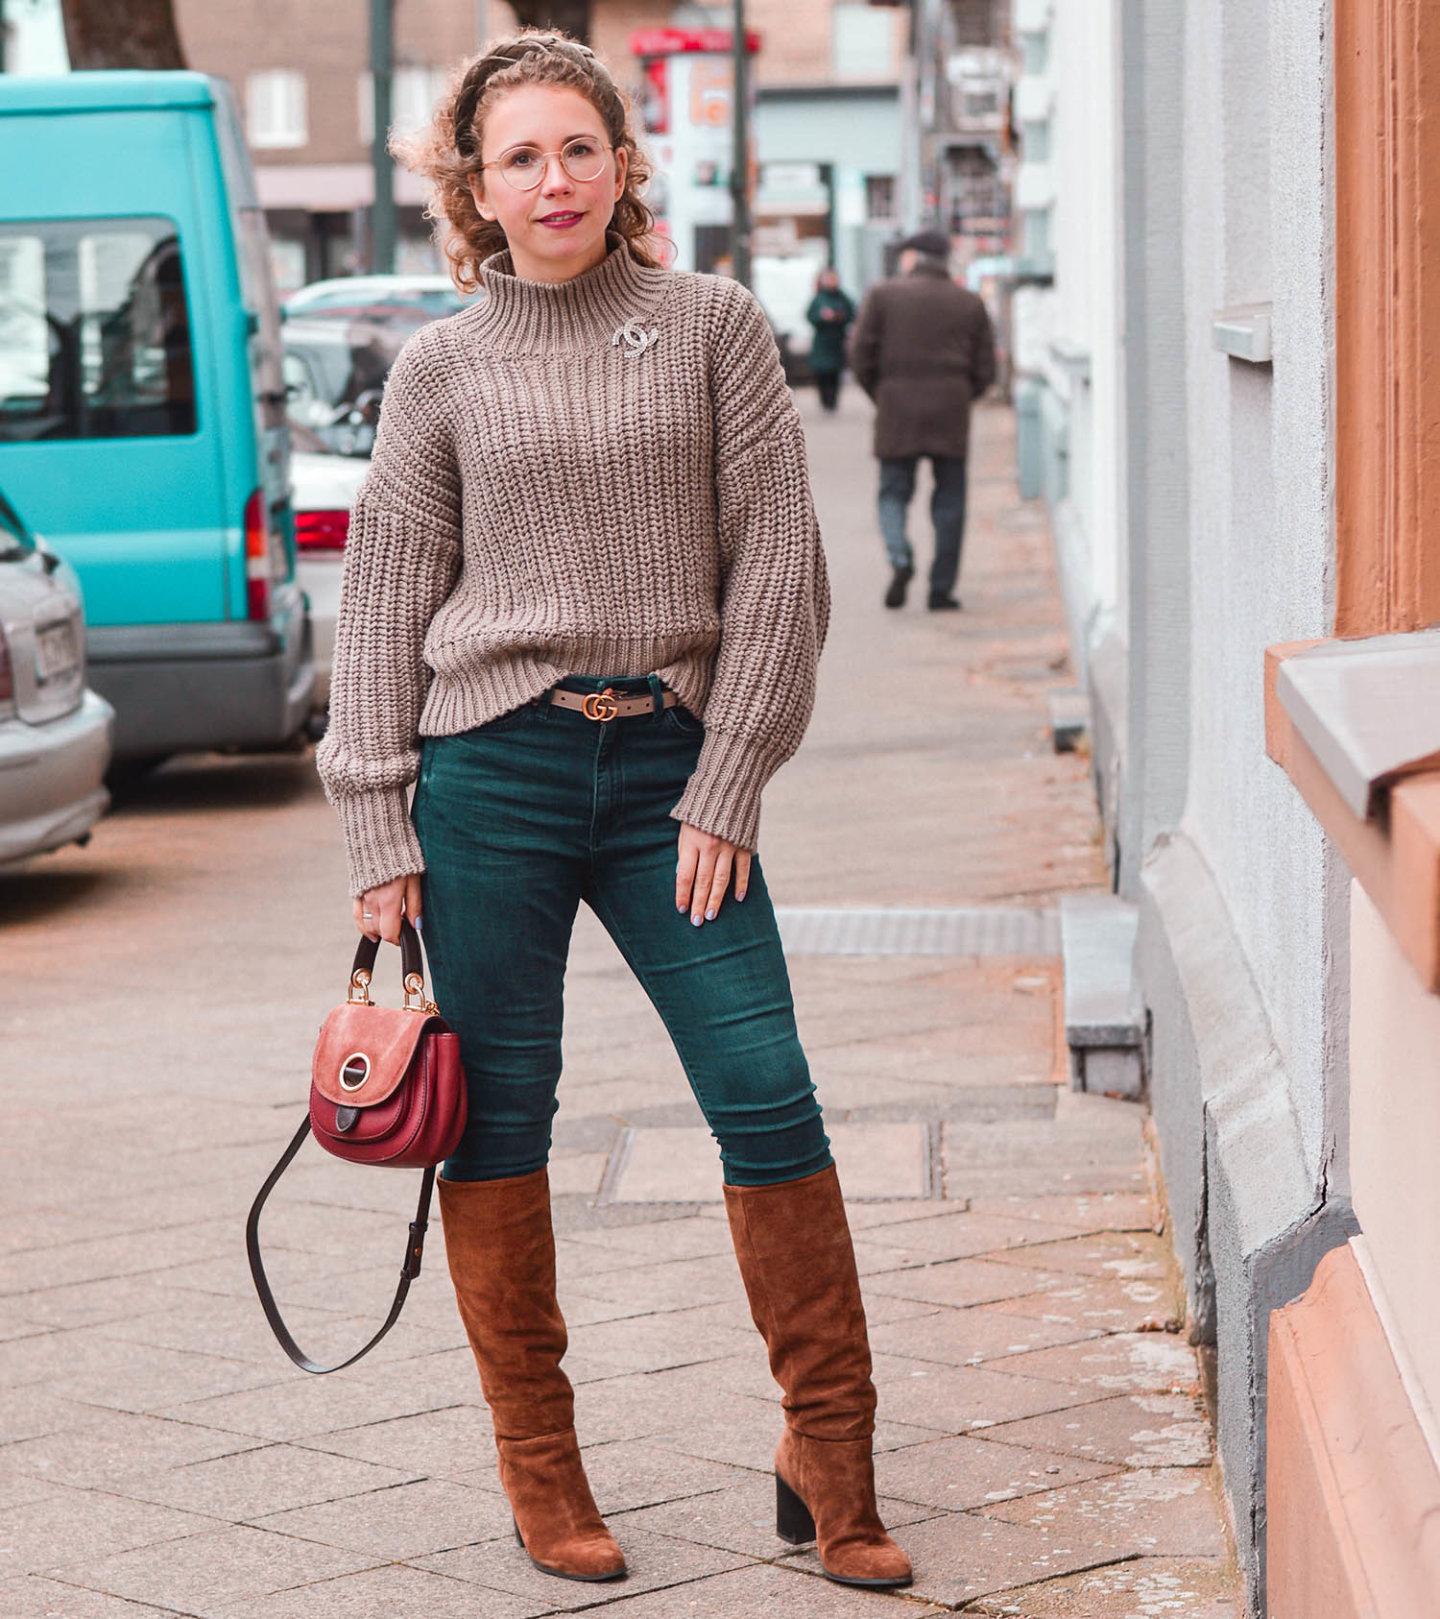 Jeans in Stiefeln - klassisch und zeitlos